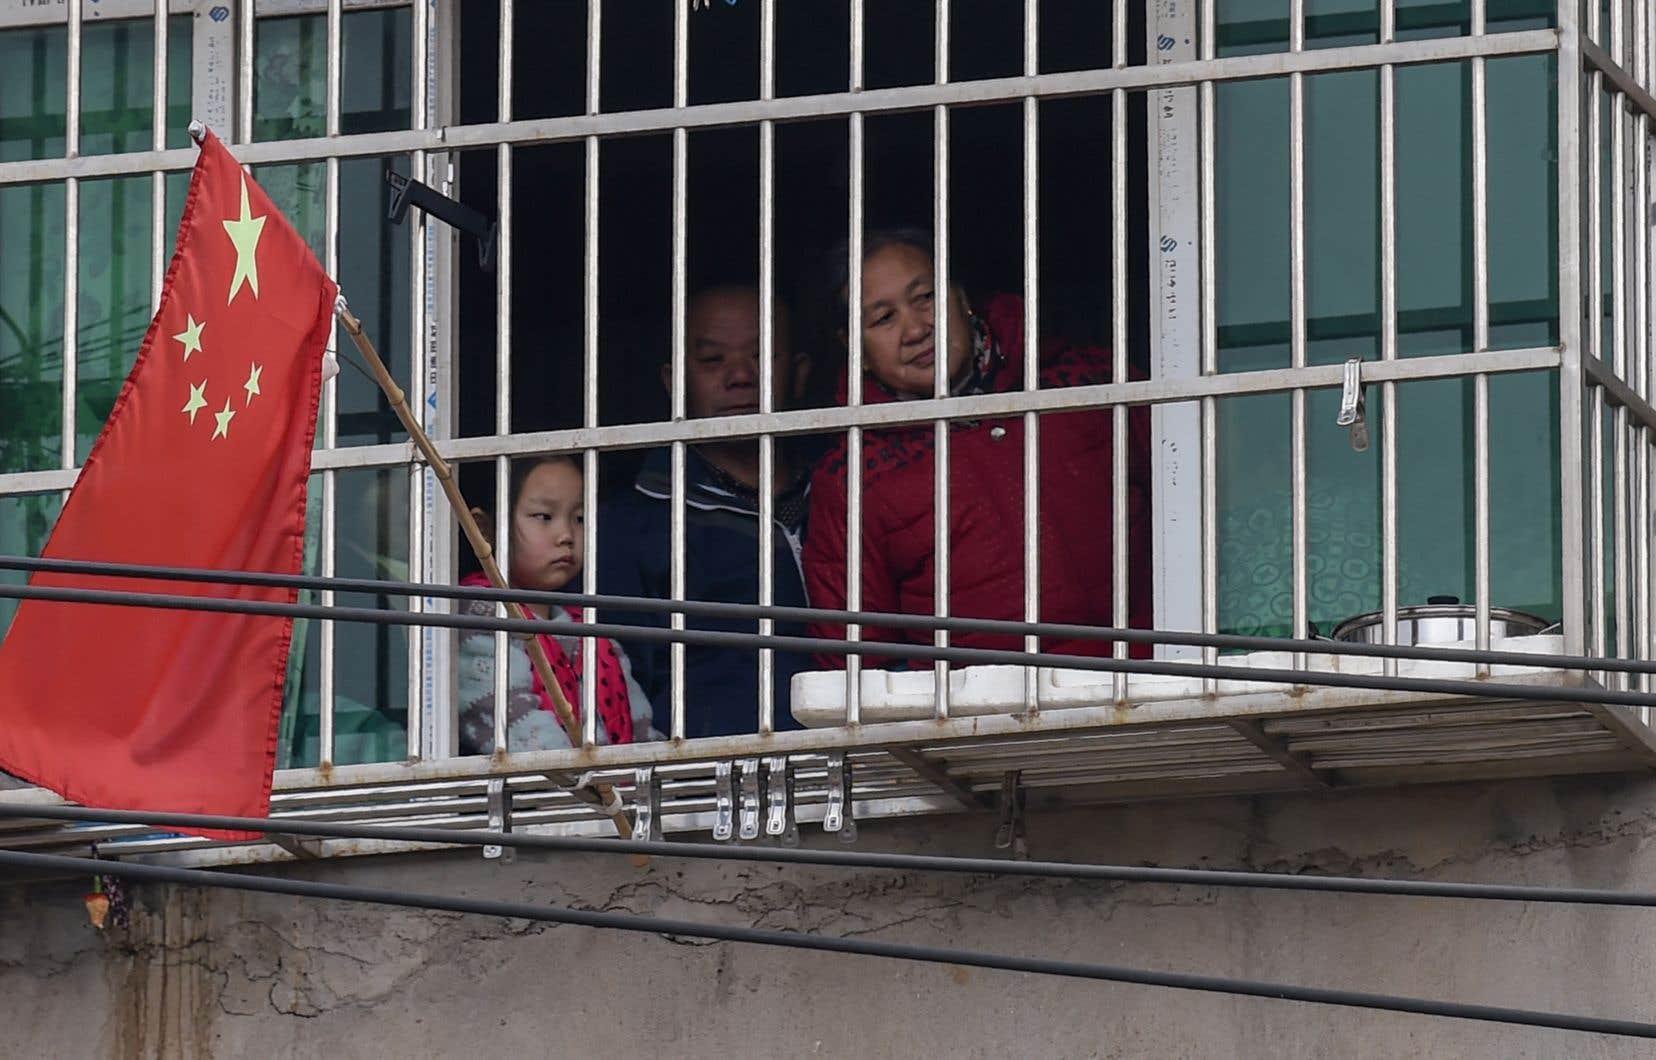 Wuhan et sa région sont placées de facto en quarantaine depuis jeudi afin de prévenir une nouvelle propagation de la maladie. Au total, 56millions de personnes sont coupées du monde.